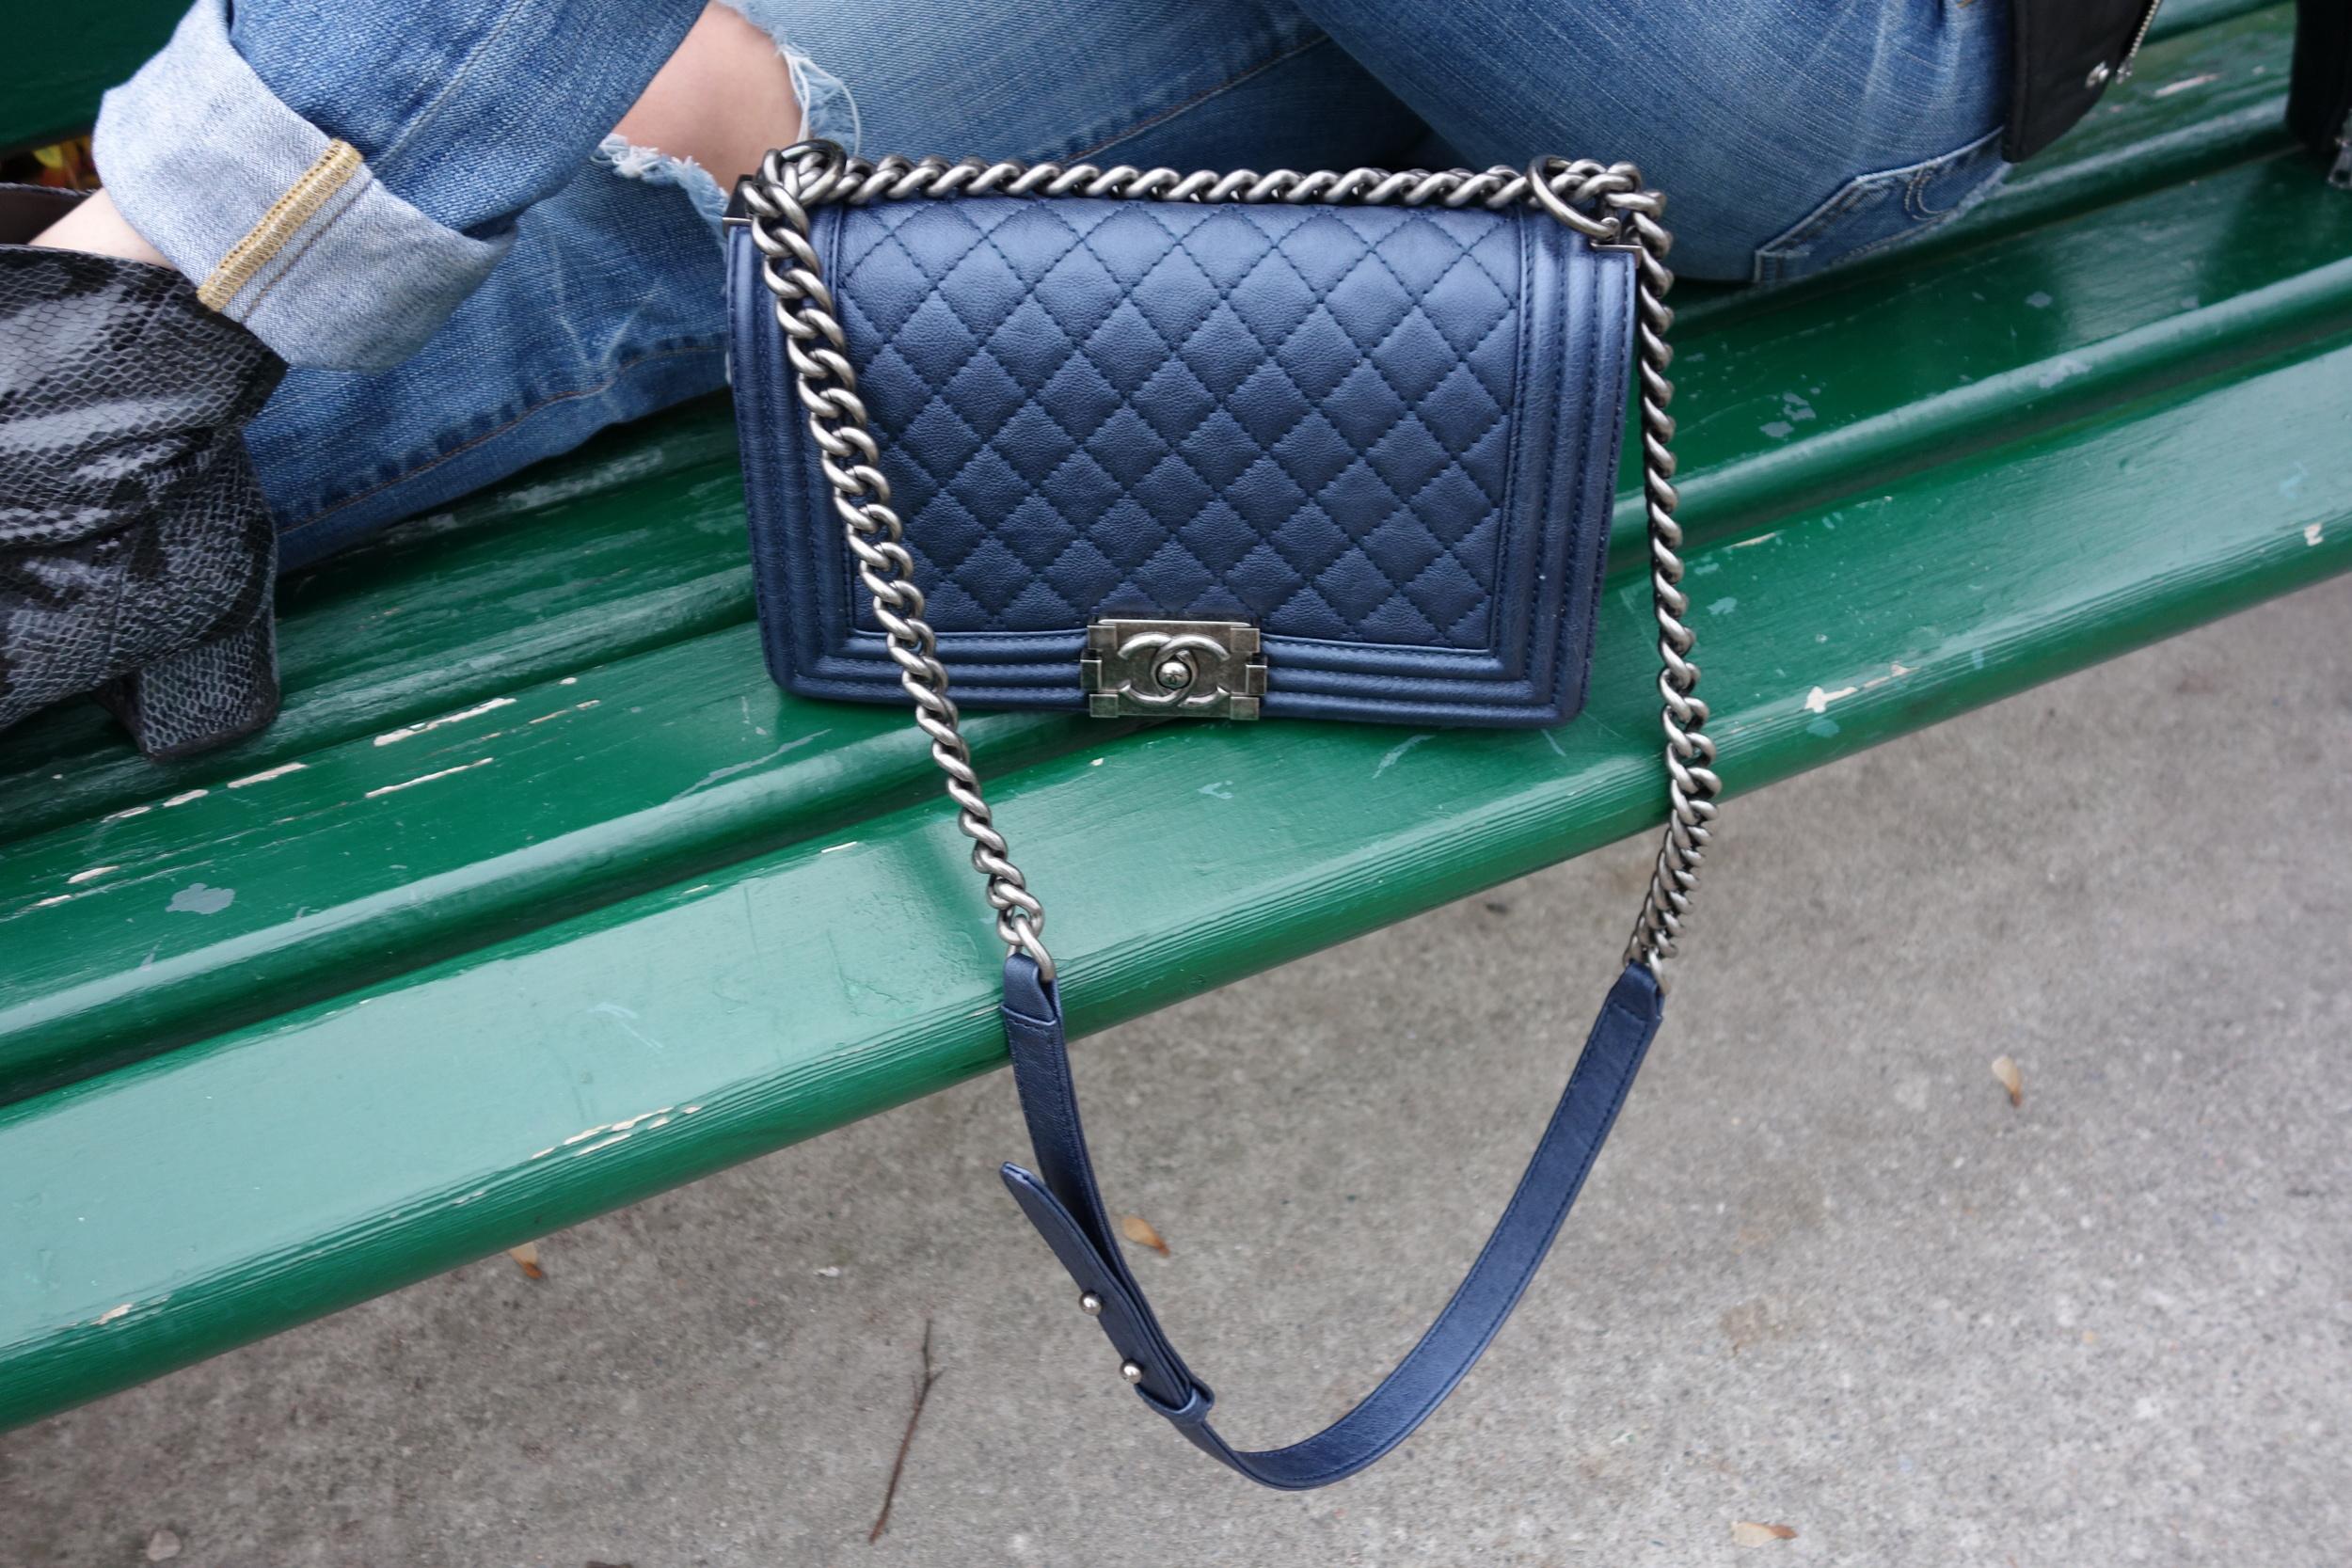 Bag: Chanel Boybag